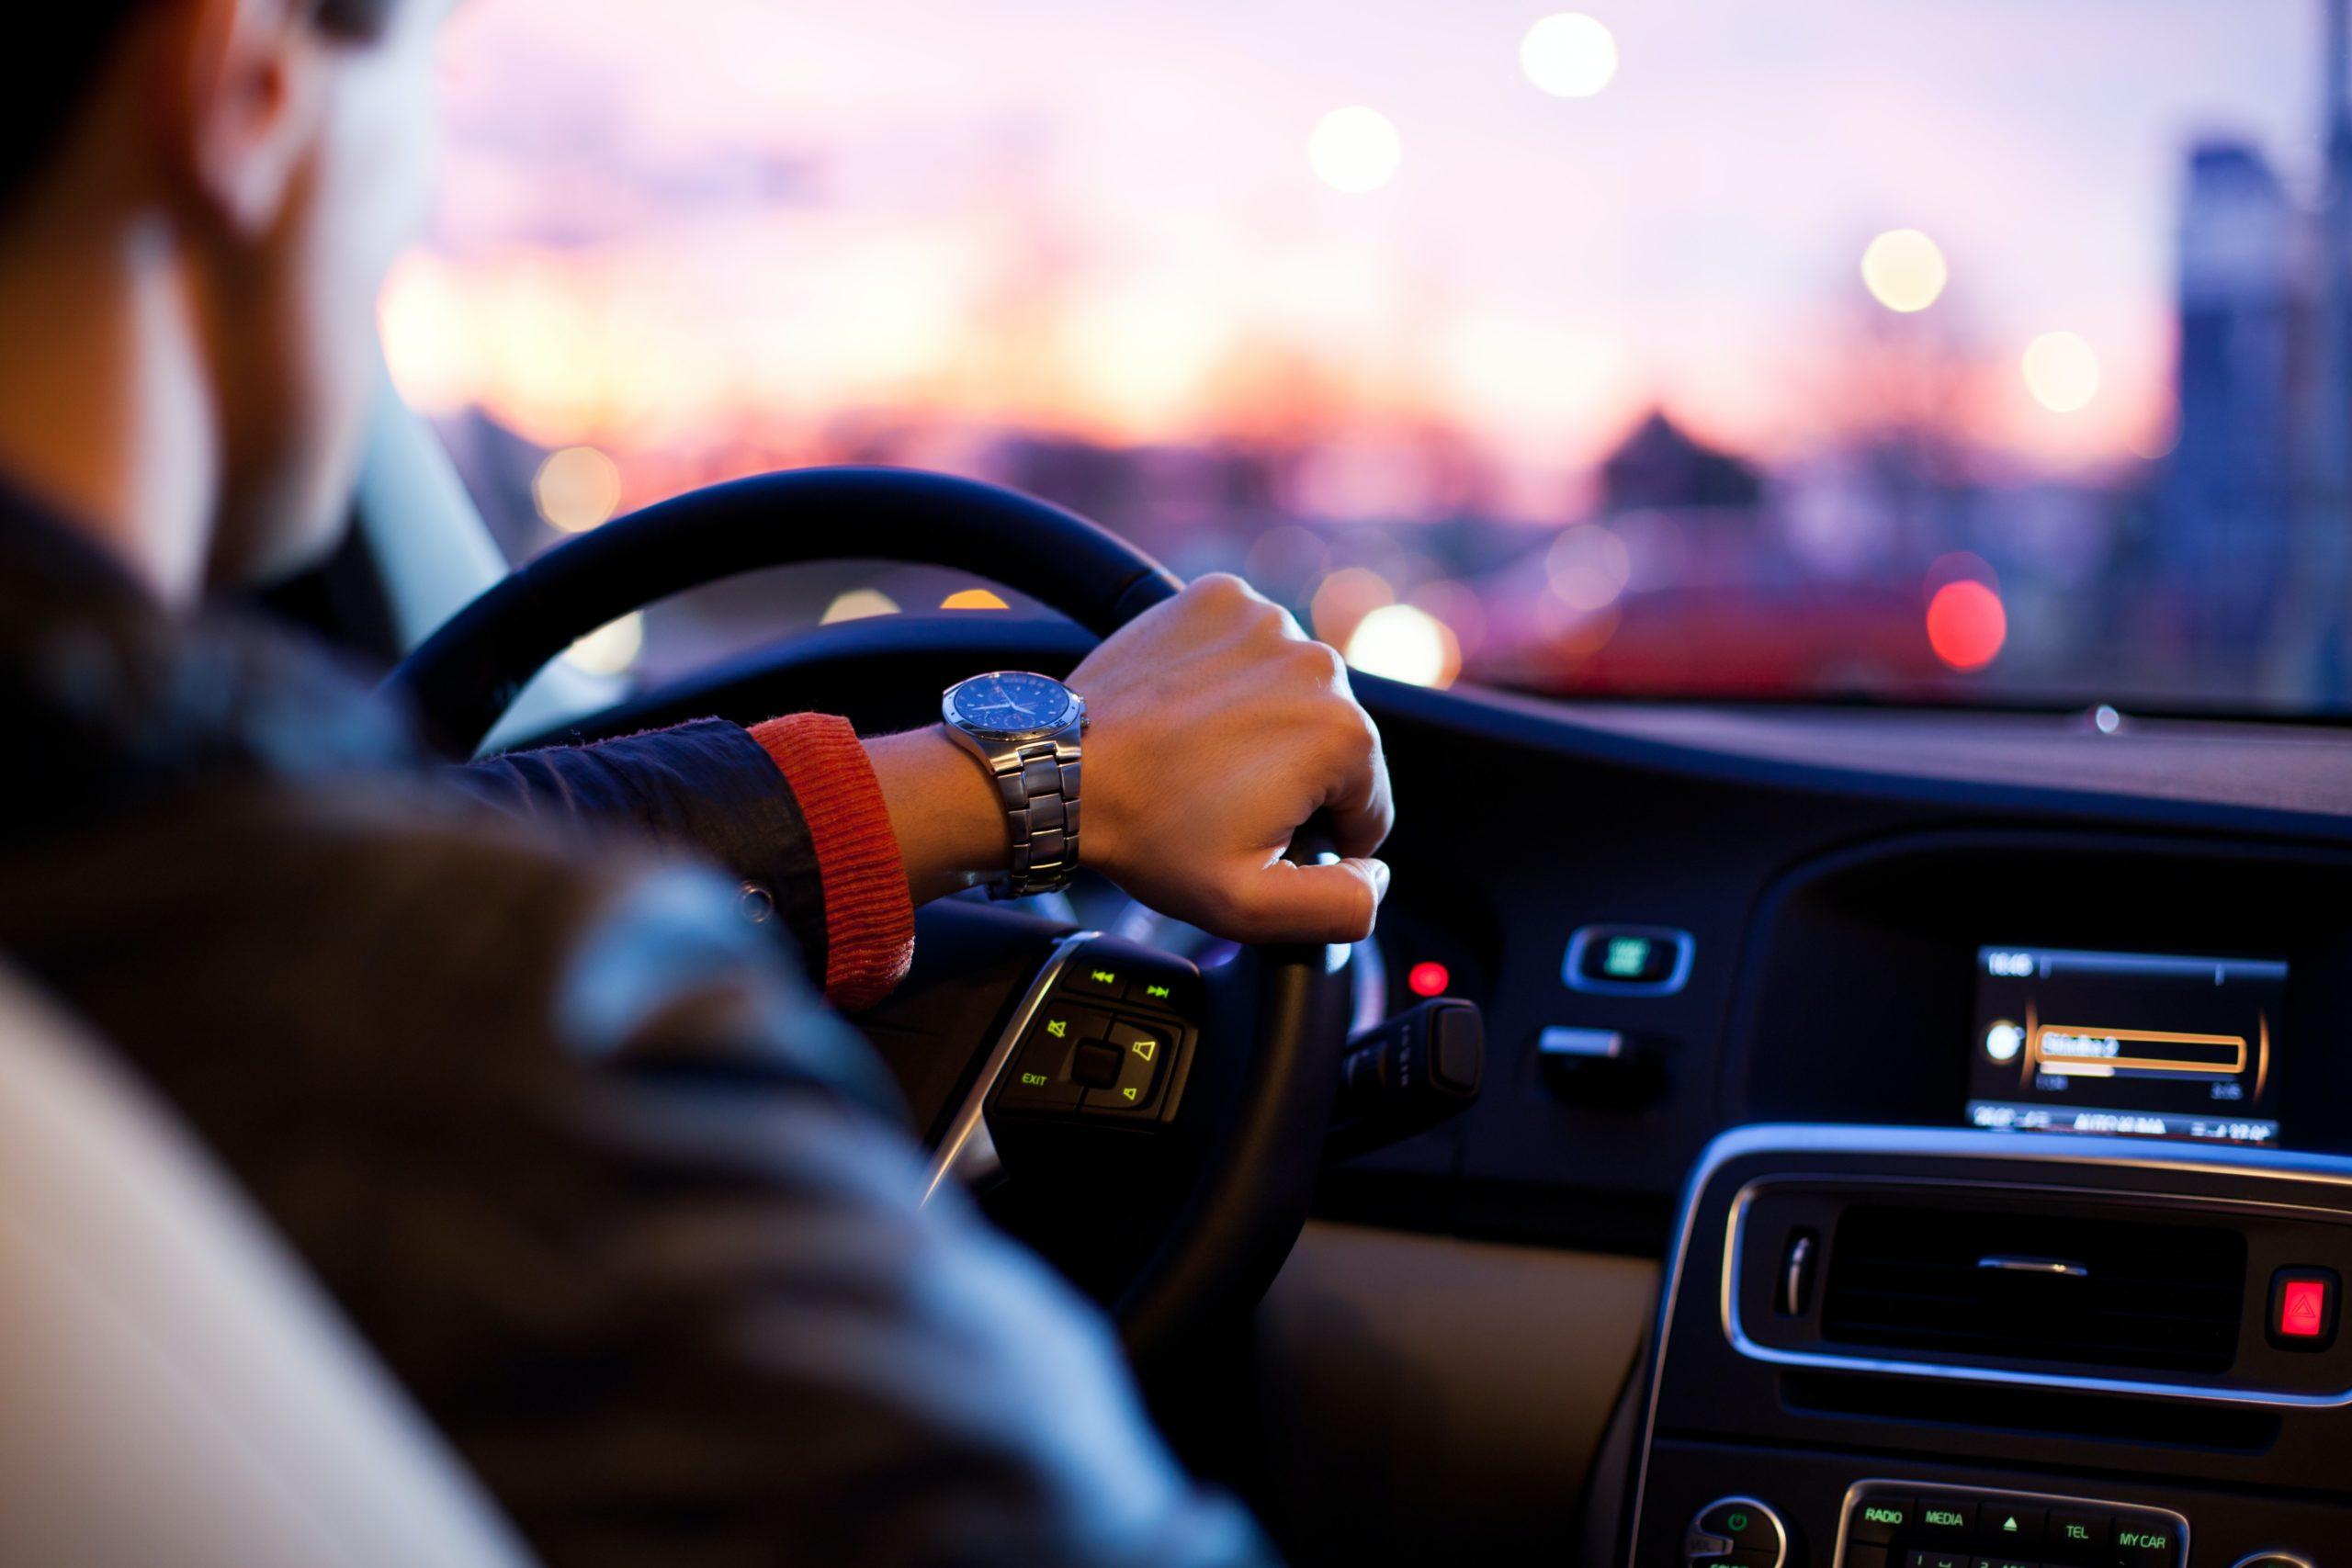 Operation Safe Driver Week – 2021 Focus